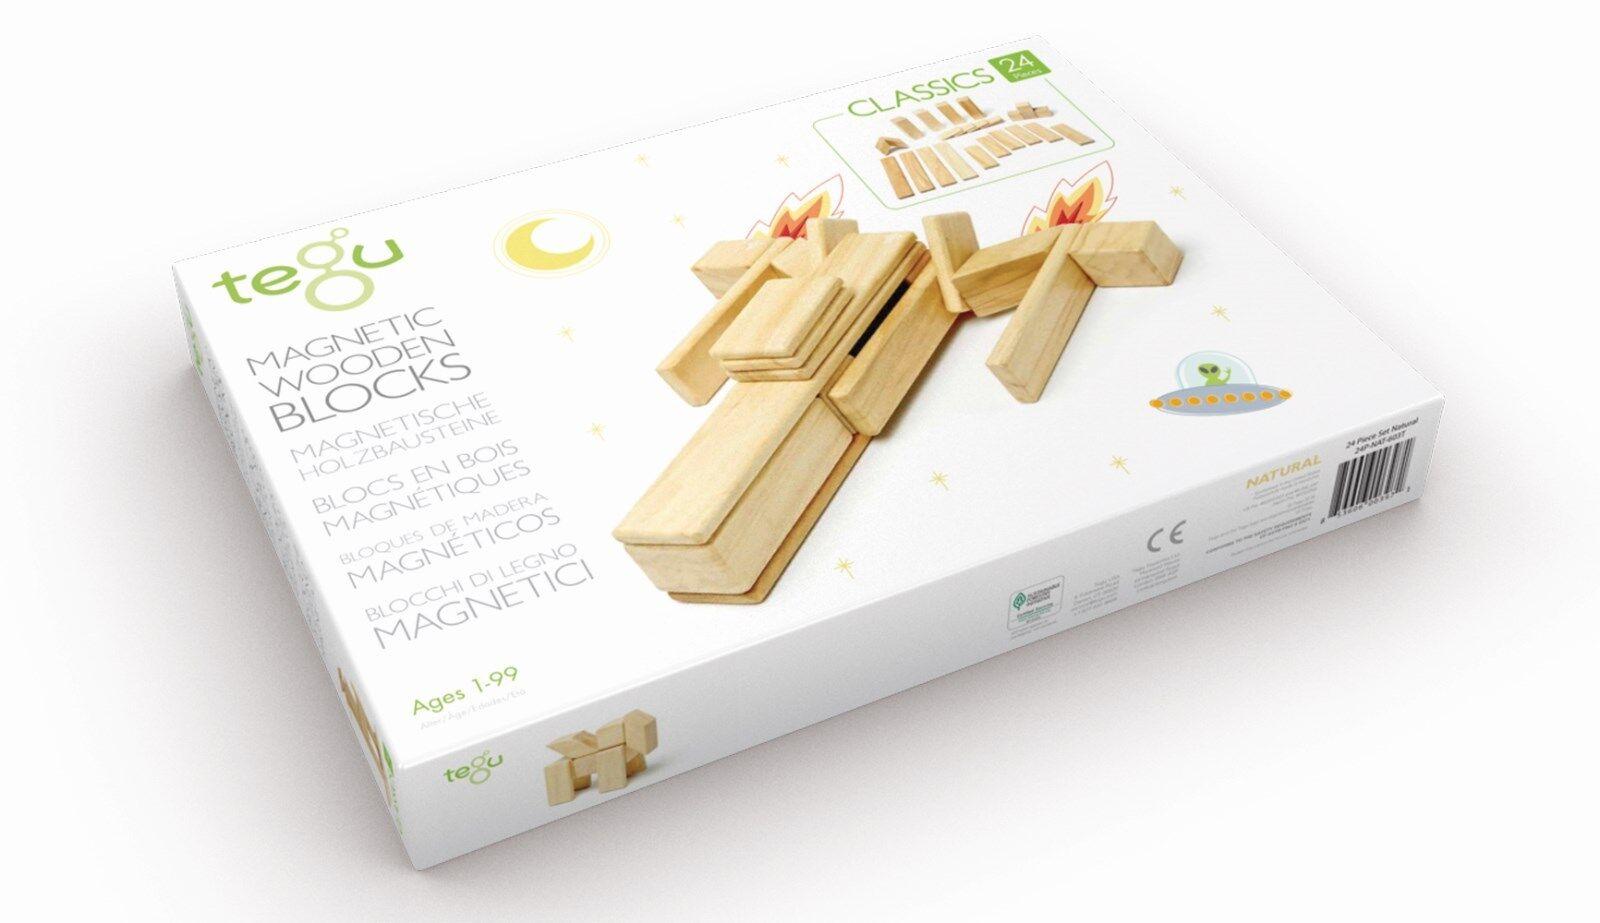 Magnetisches Holzset Natur, 24-teilig, Magnetische Holzbausteine, Tegu Bausteine  | Ausgezeichneter Wert